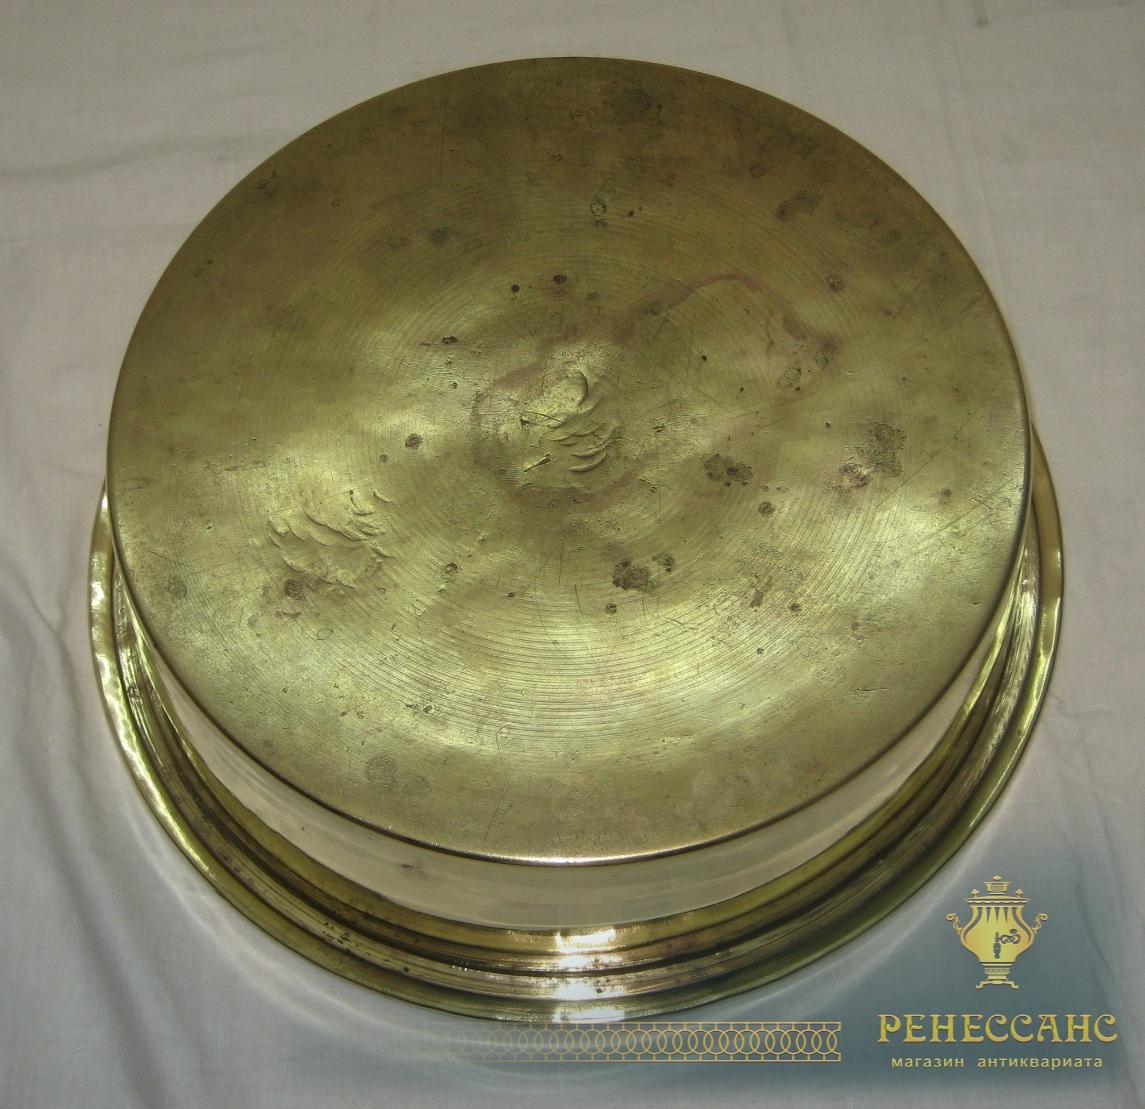 Таз старинный, тазик для варки варения, «Аленчиков и Зимин» 19 век №3072